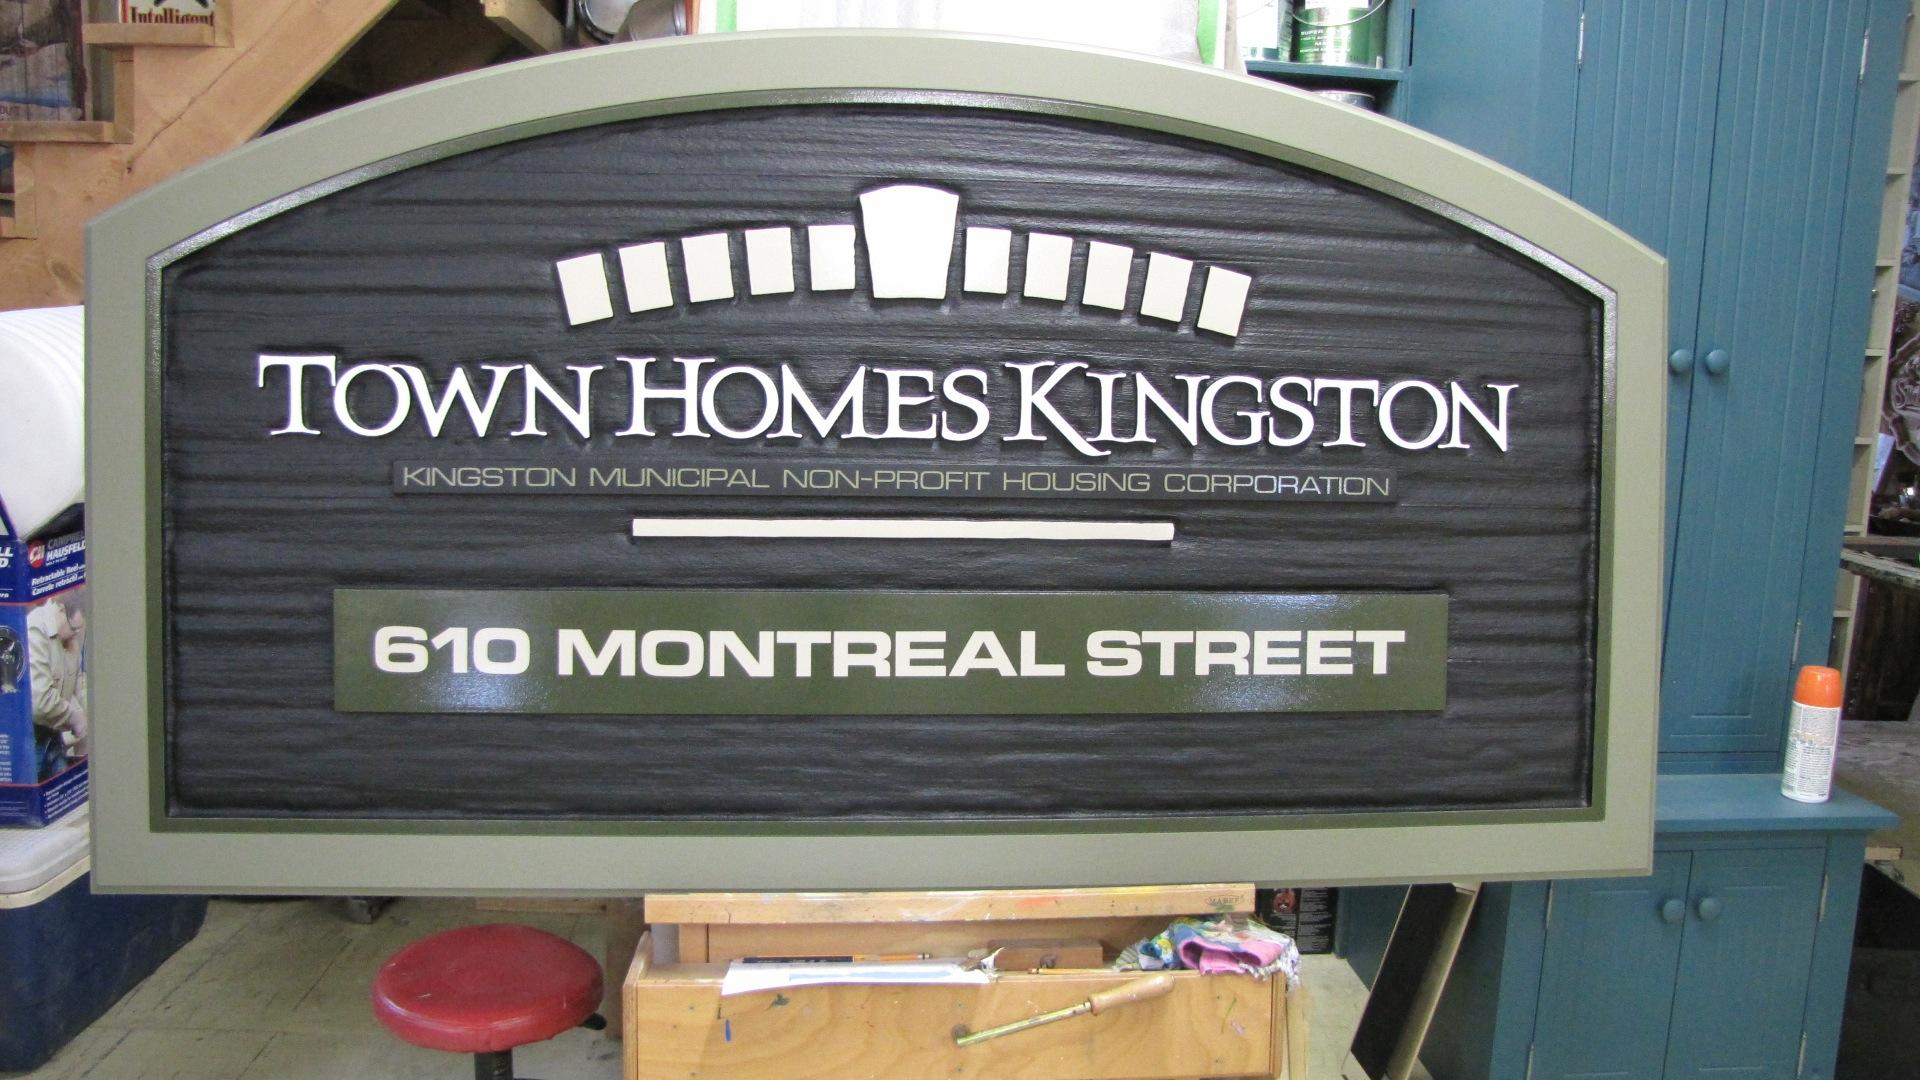 town homes kingston.jpg